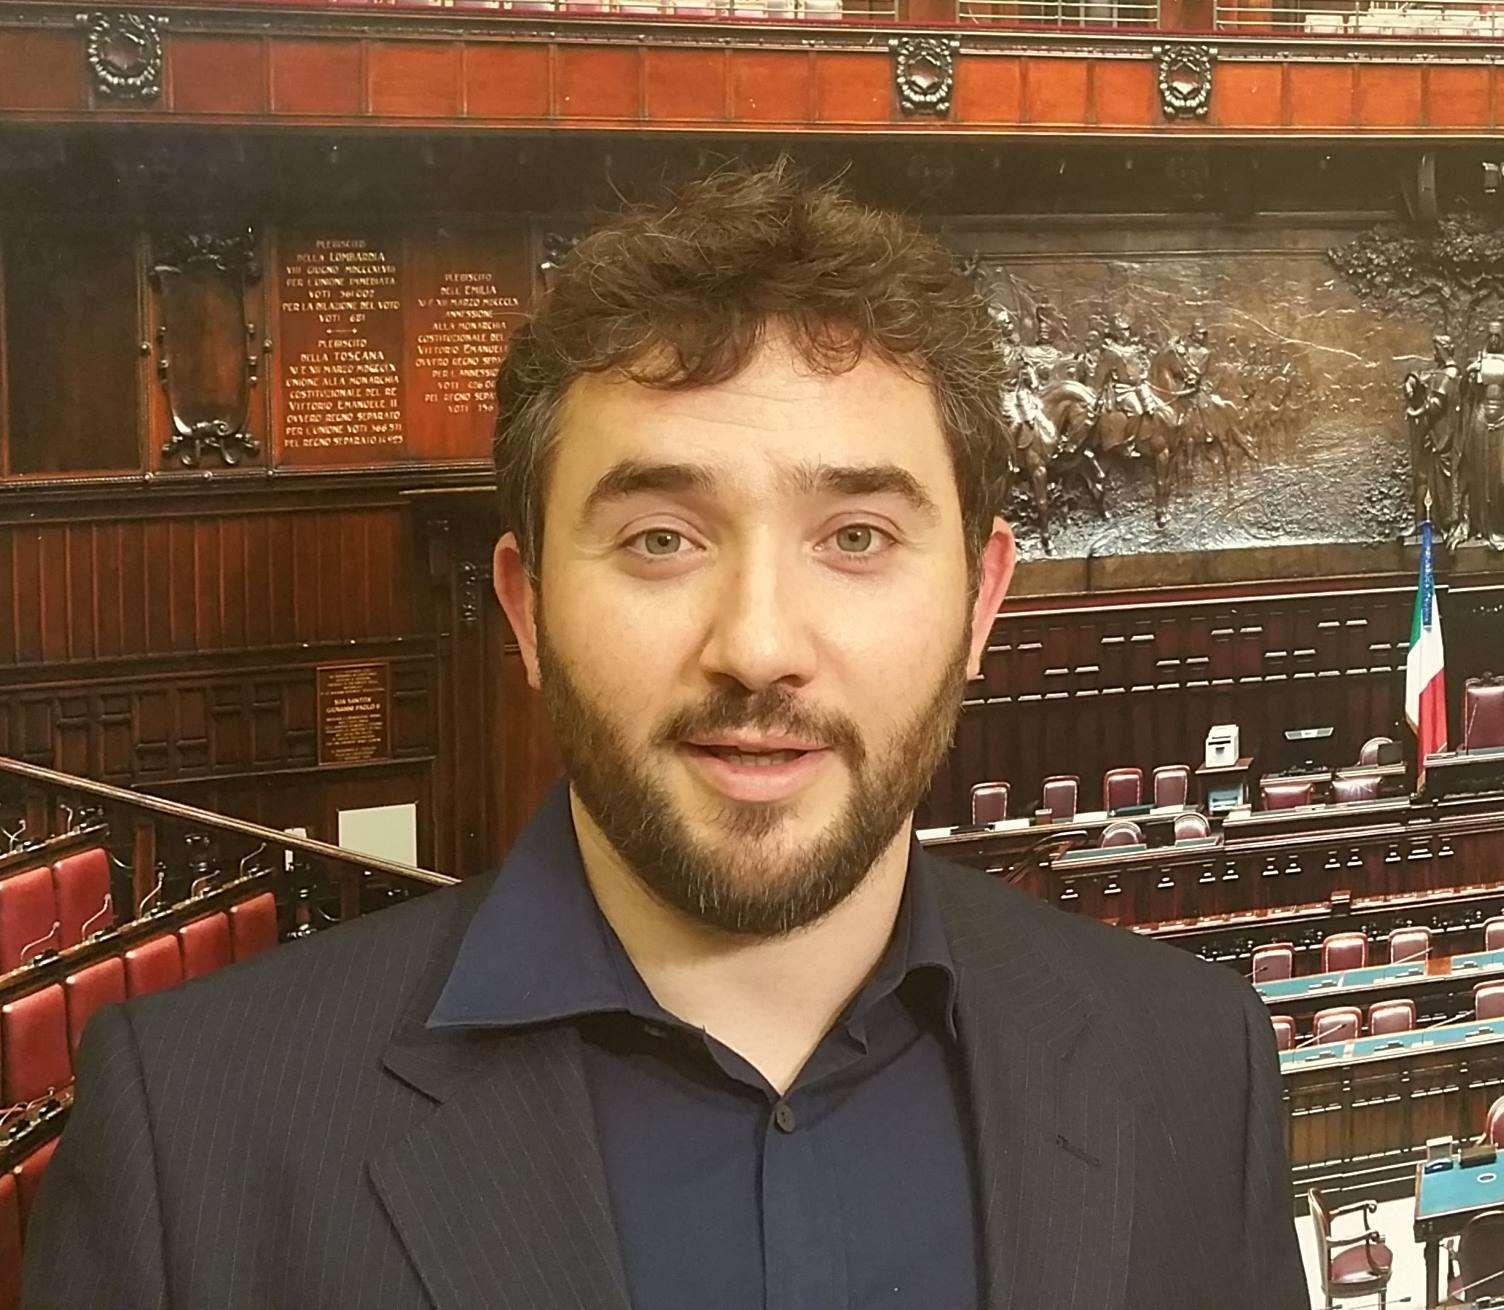 Ferrarini: Amco, scelte controverse. Governo e giudici dovranno fare chiarezza